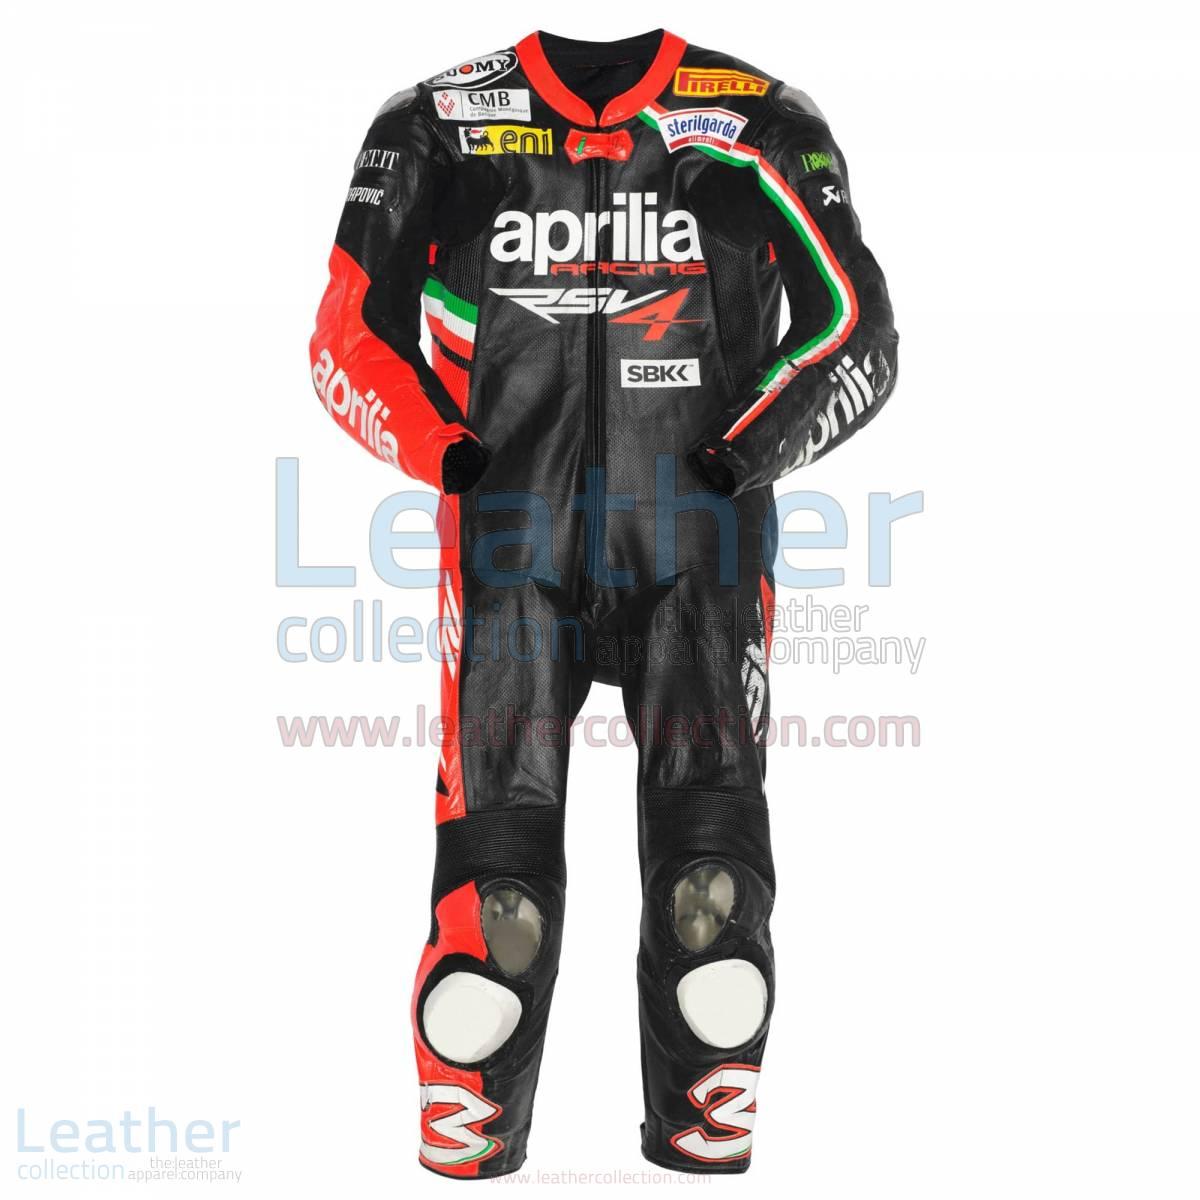 Max Biaggi Aprilia 2012 race leathers